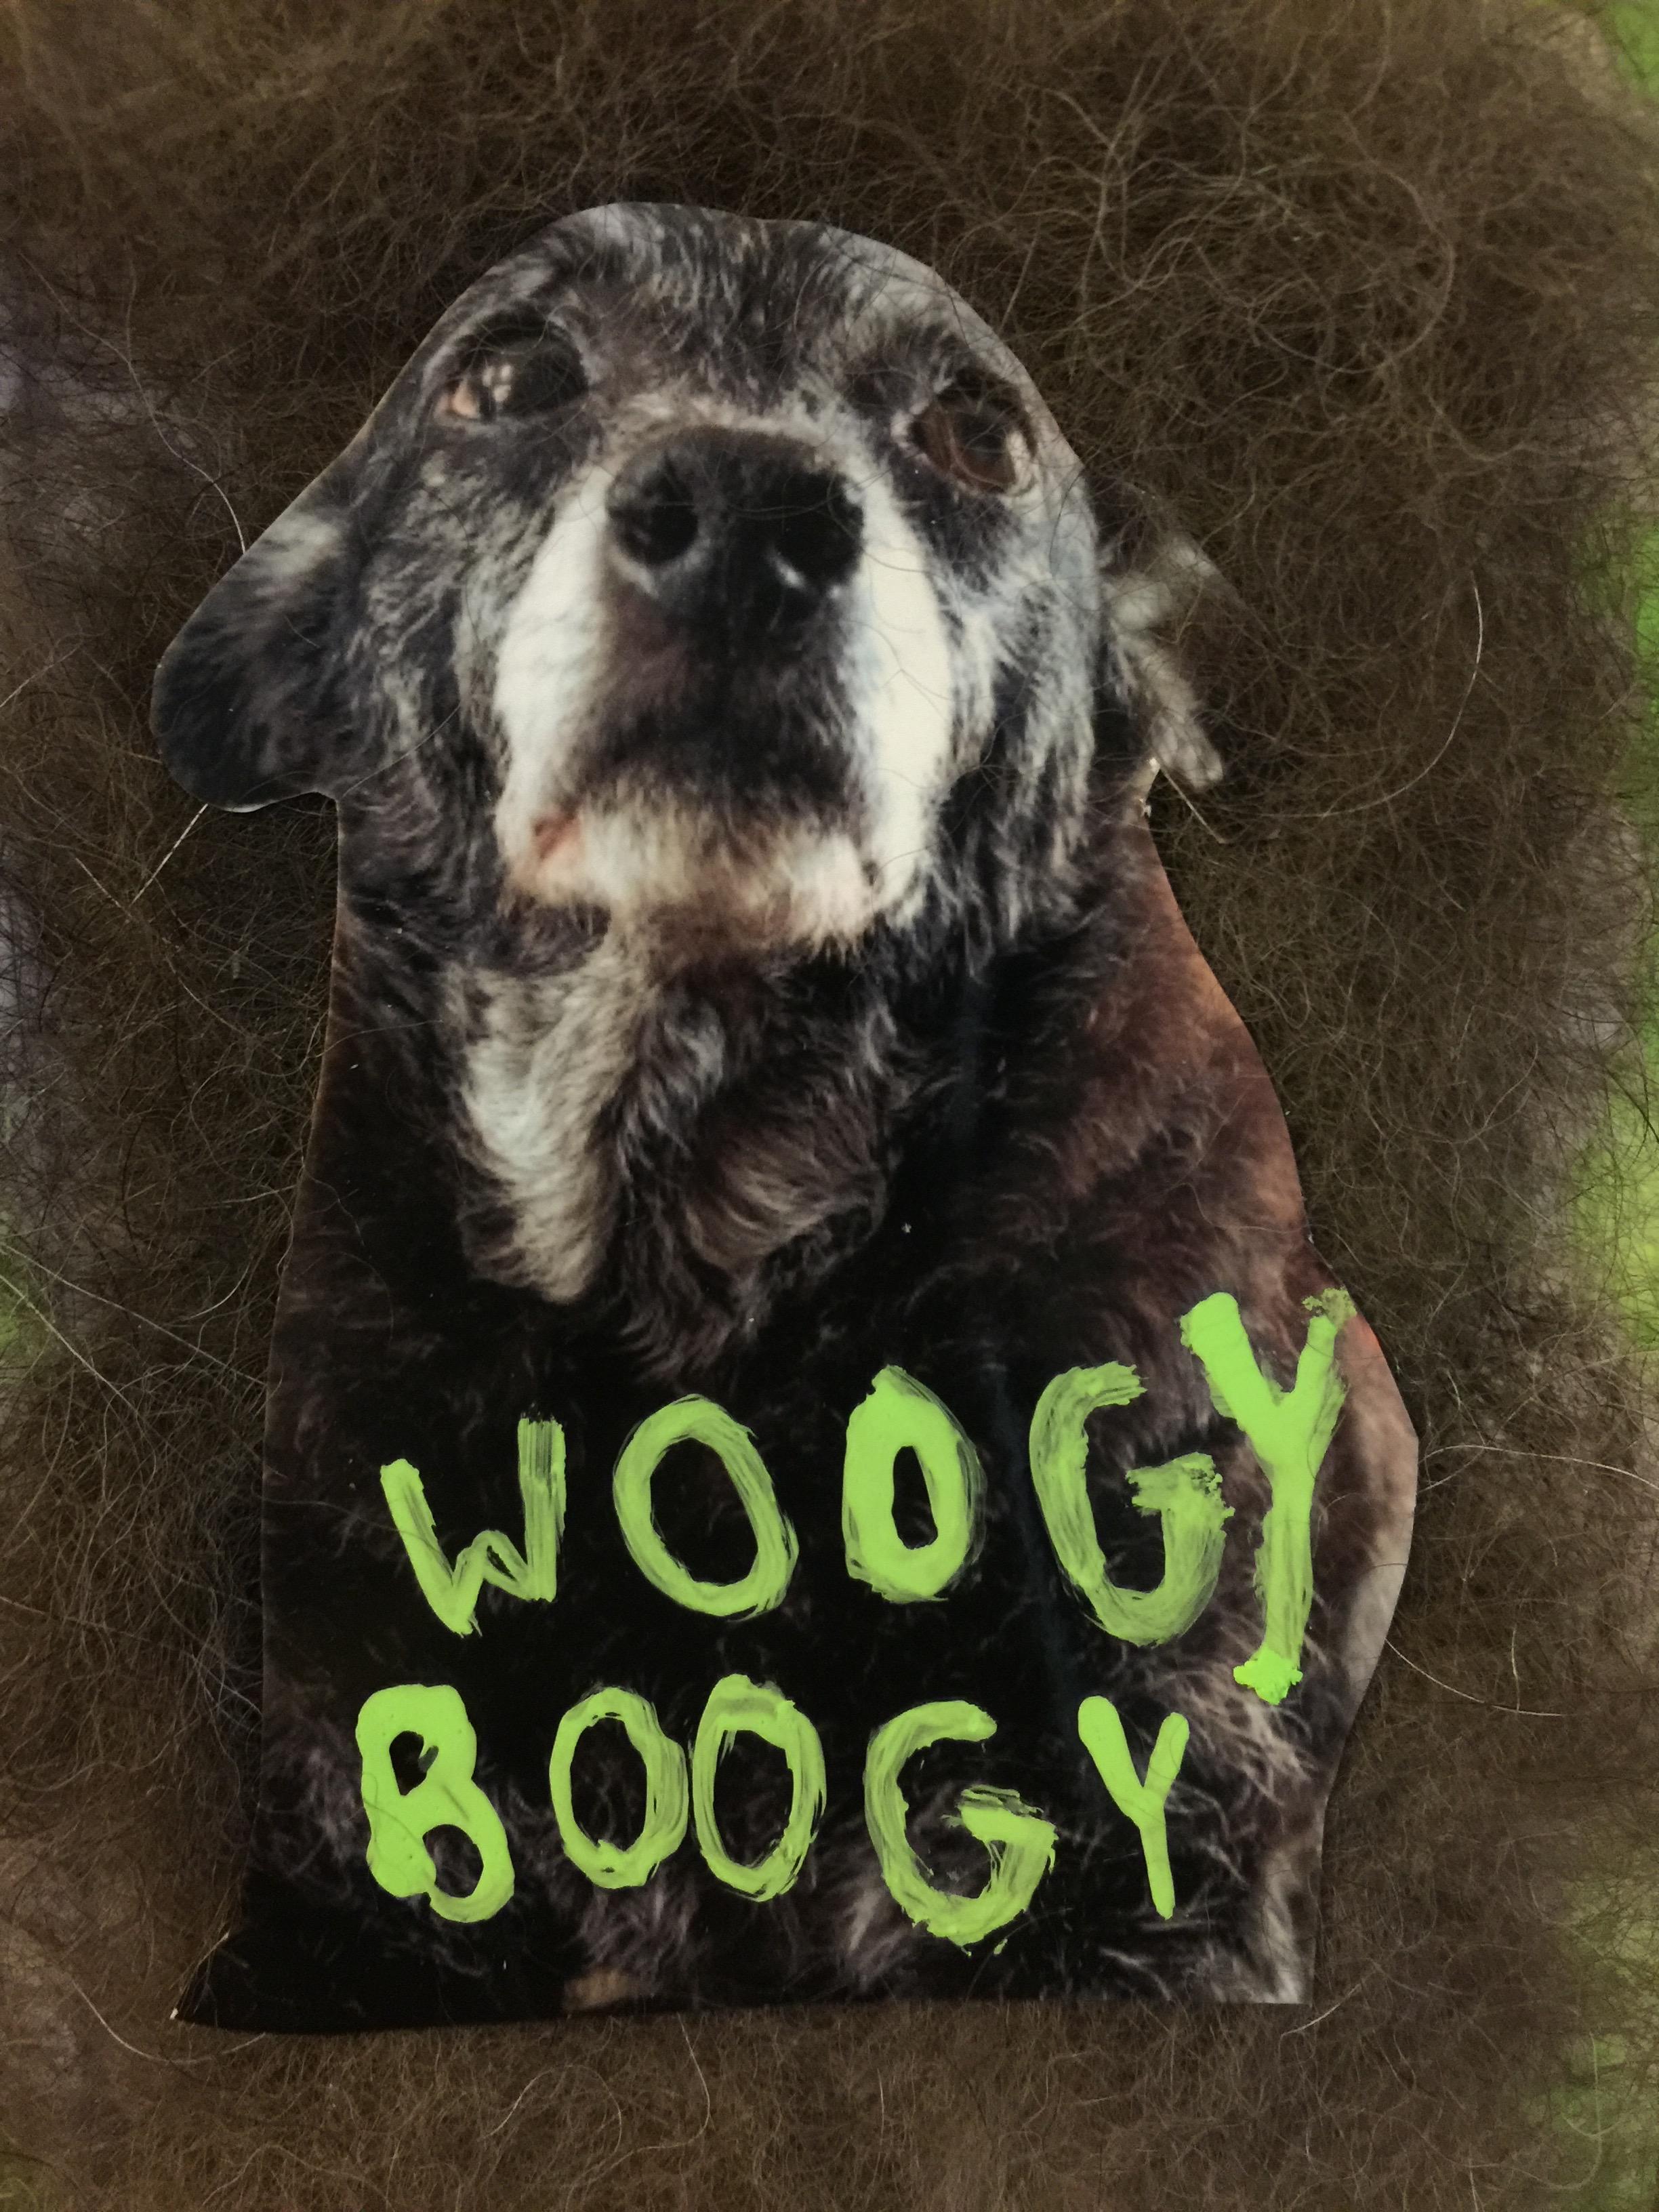 Dead Dog Manuscript (Woogy Boogy)